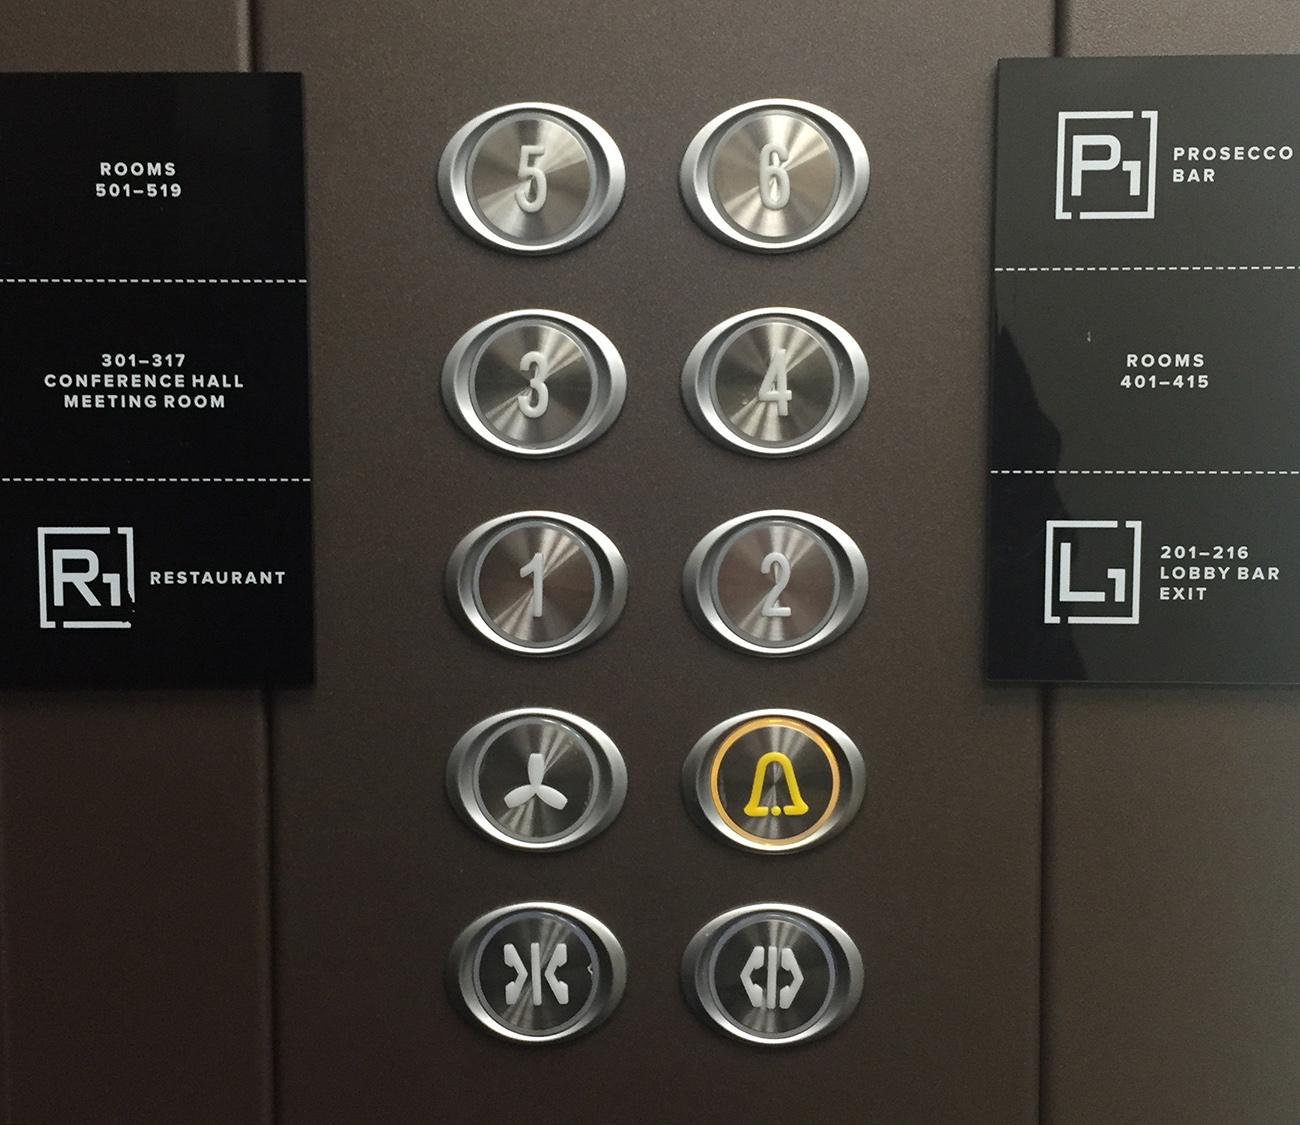 Prosecco лифт